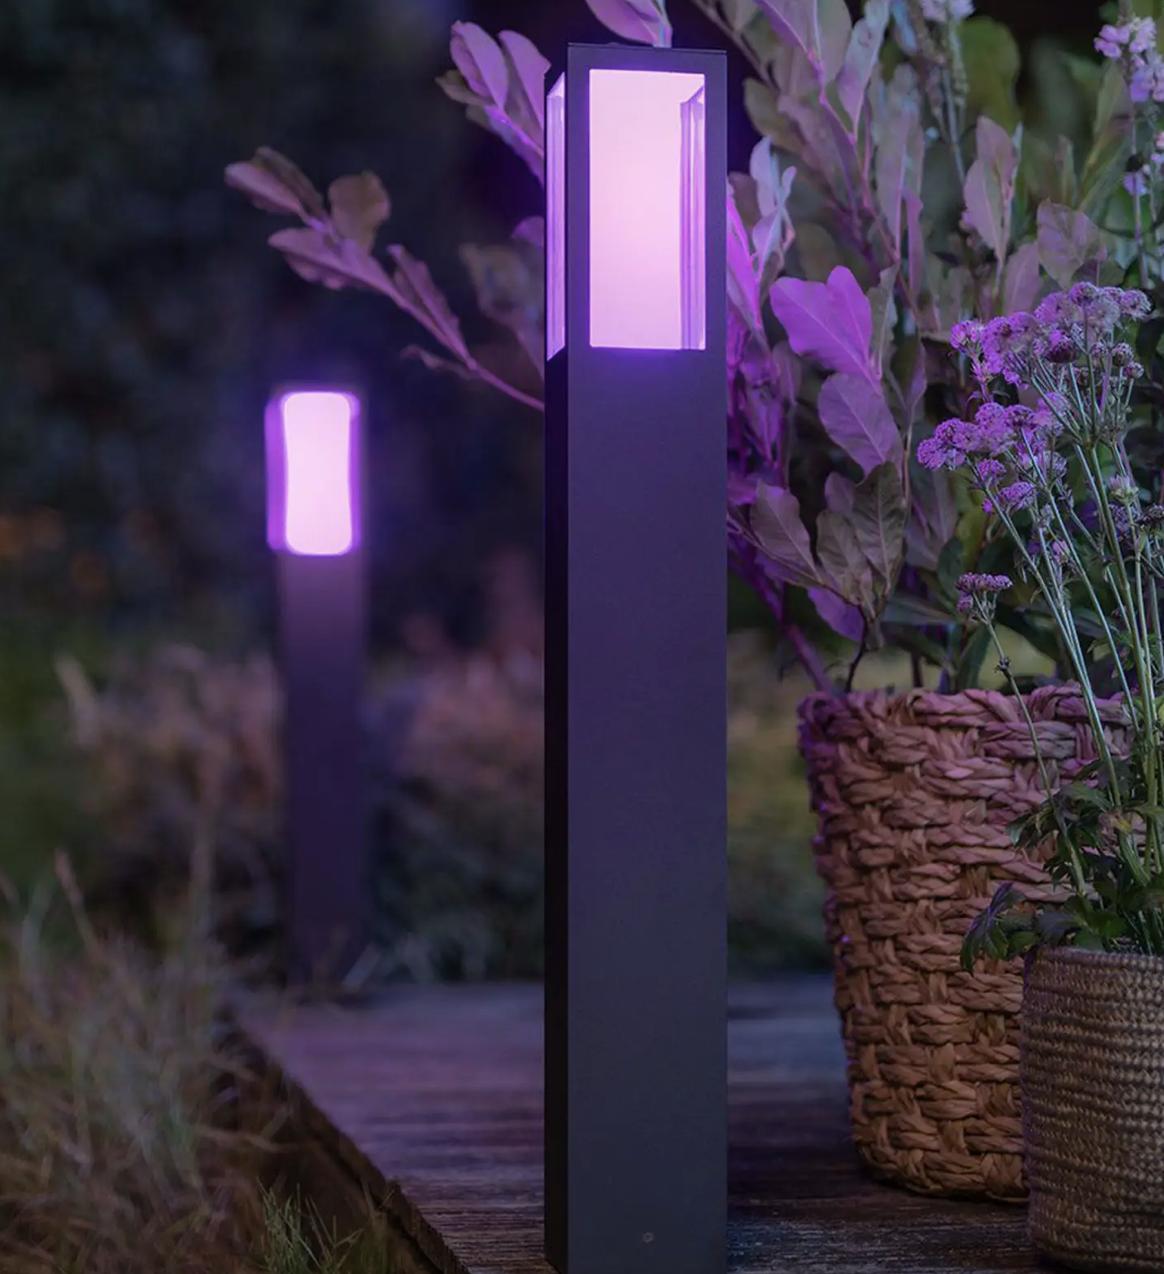 Phillips Hue Smart Garden Lighting Range